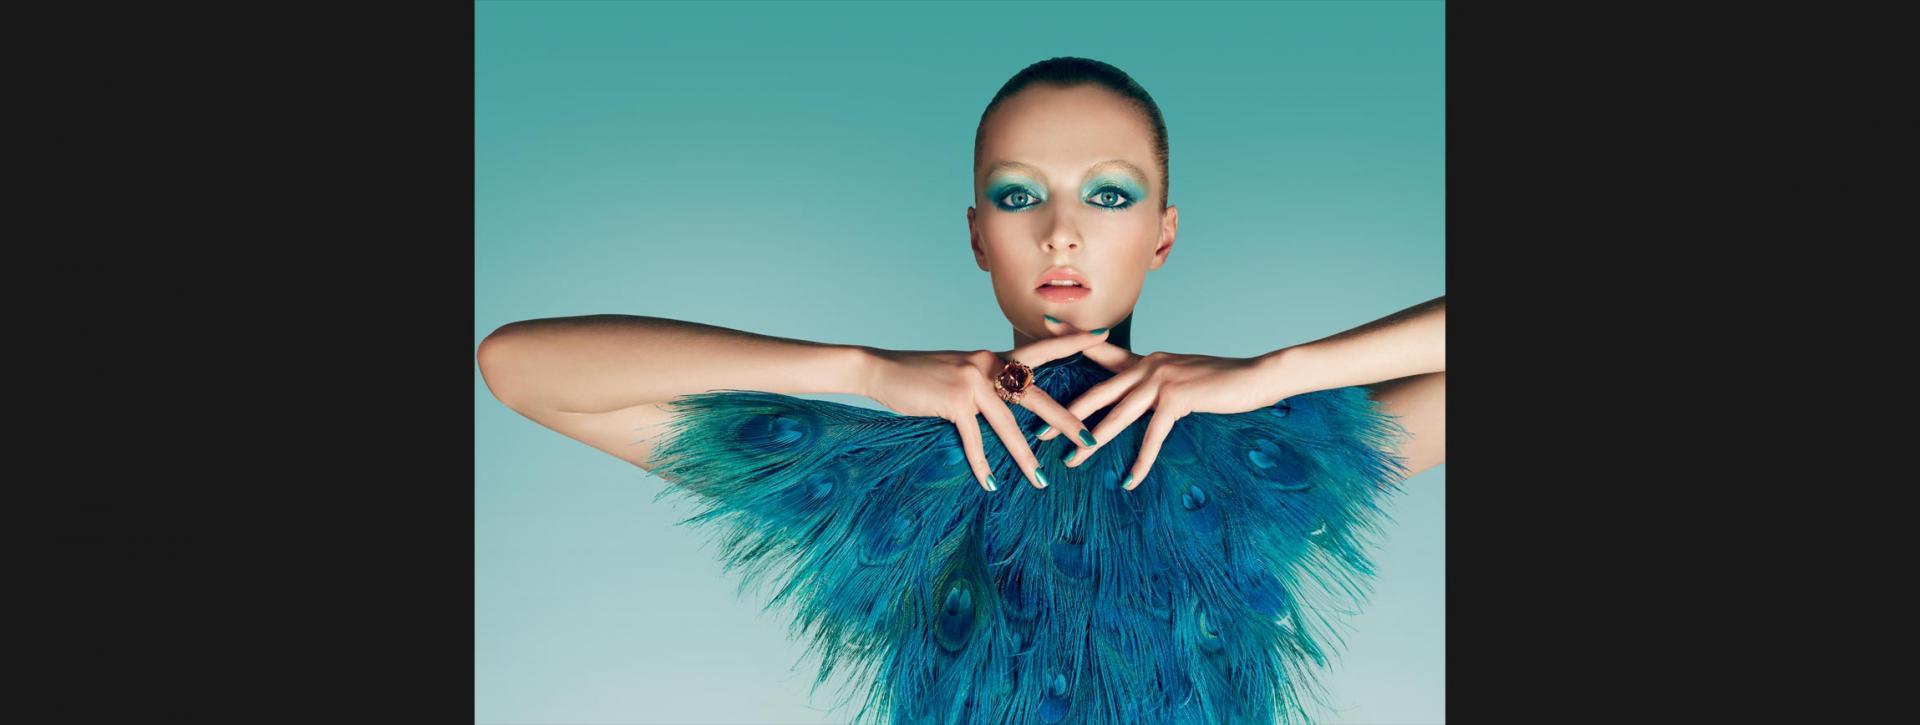 Makijaż w stylu rajskiego ptaka od Diora